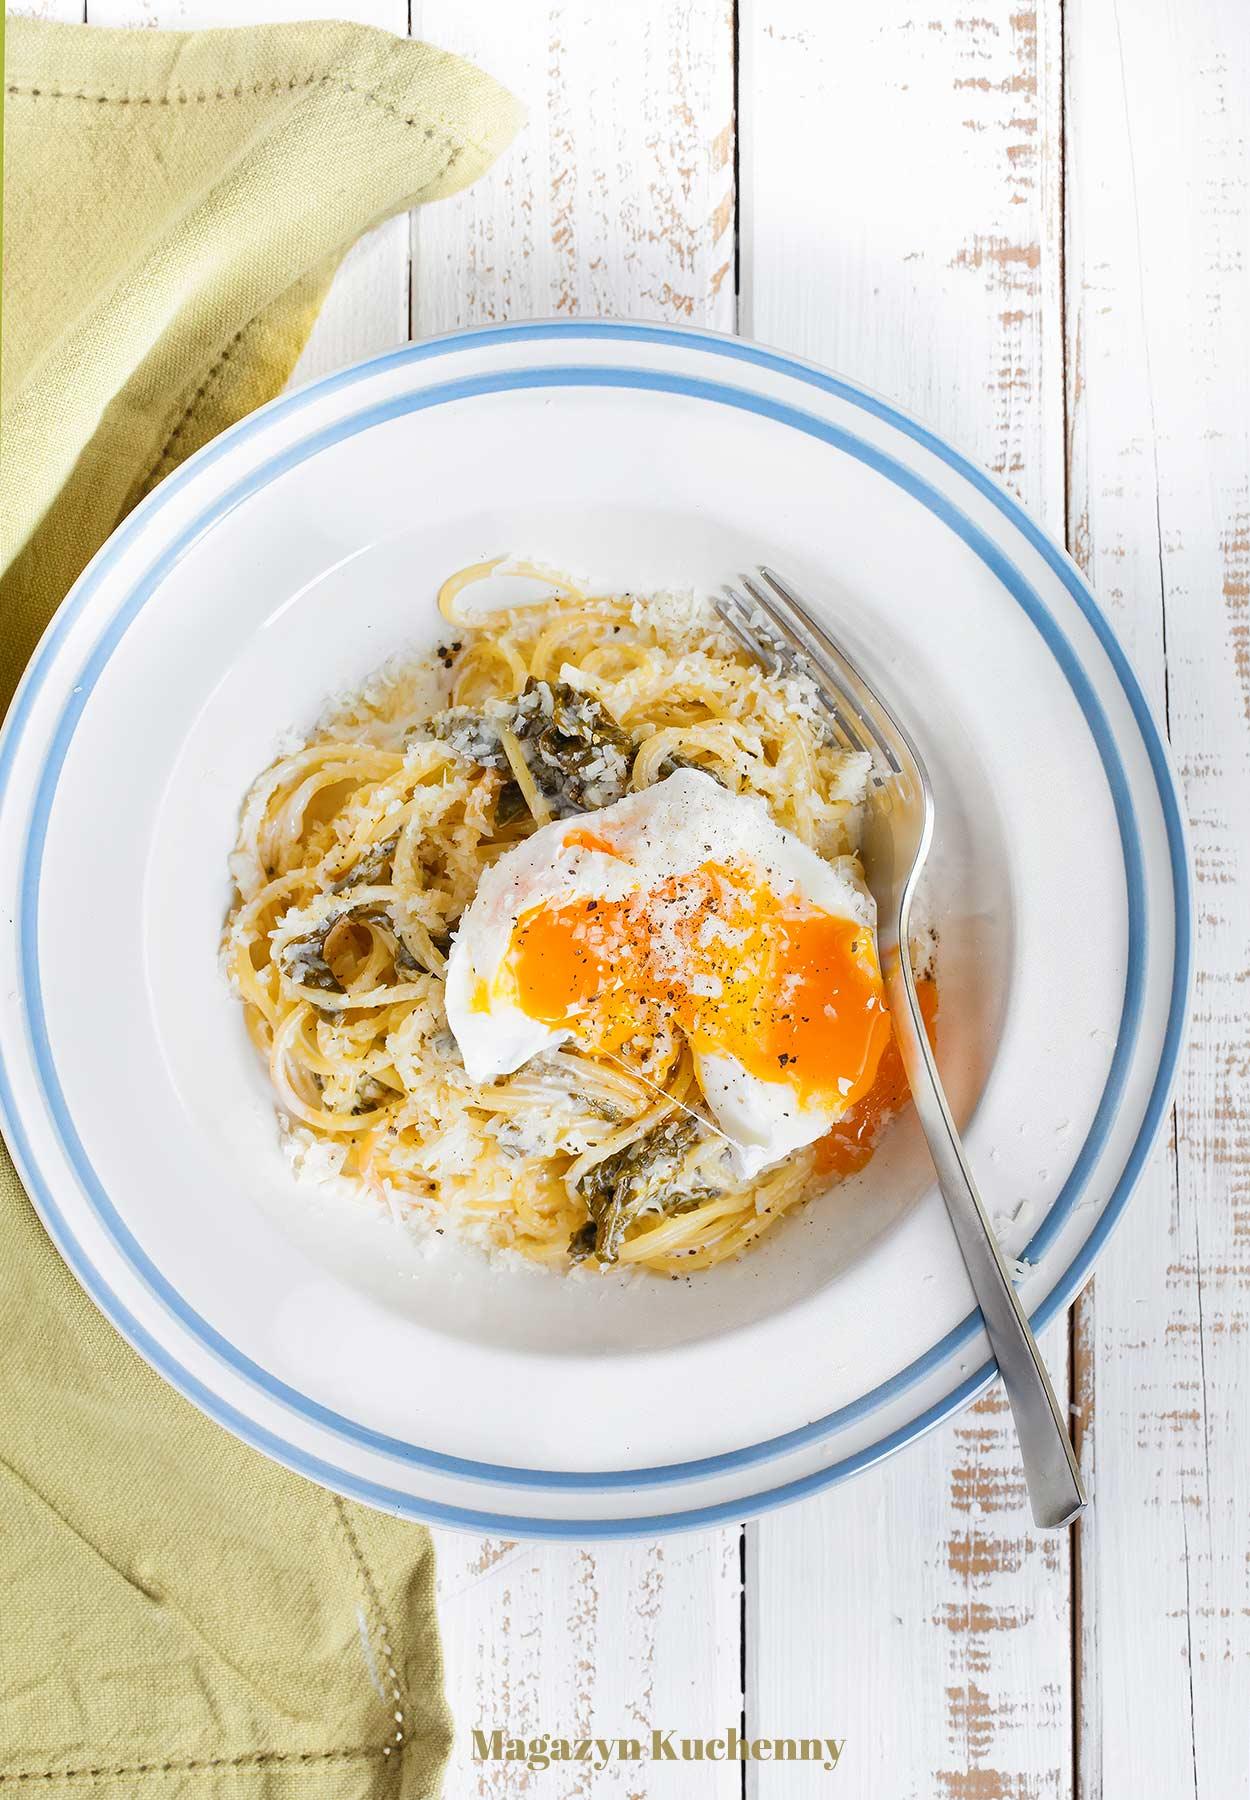 Spaghetti ze szczawiem w sosie śmietanowym i jajkiem w koszulce